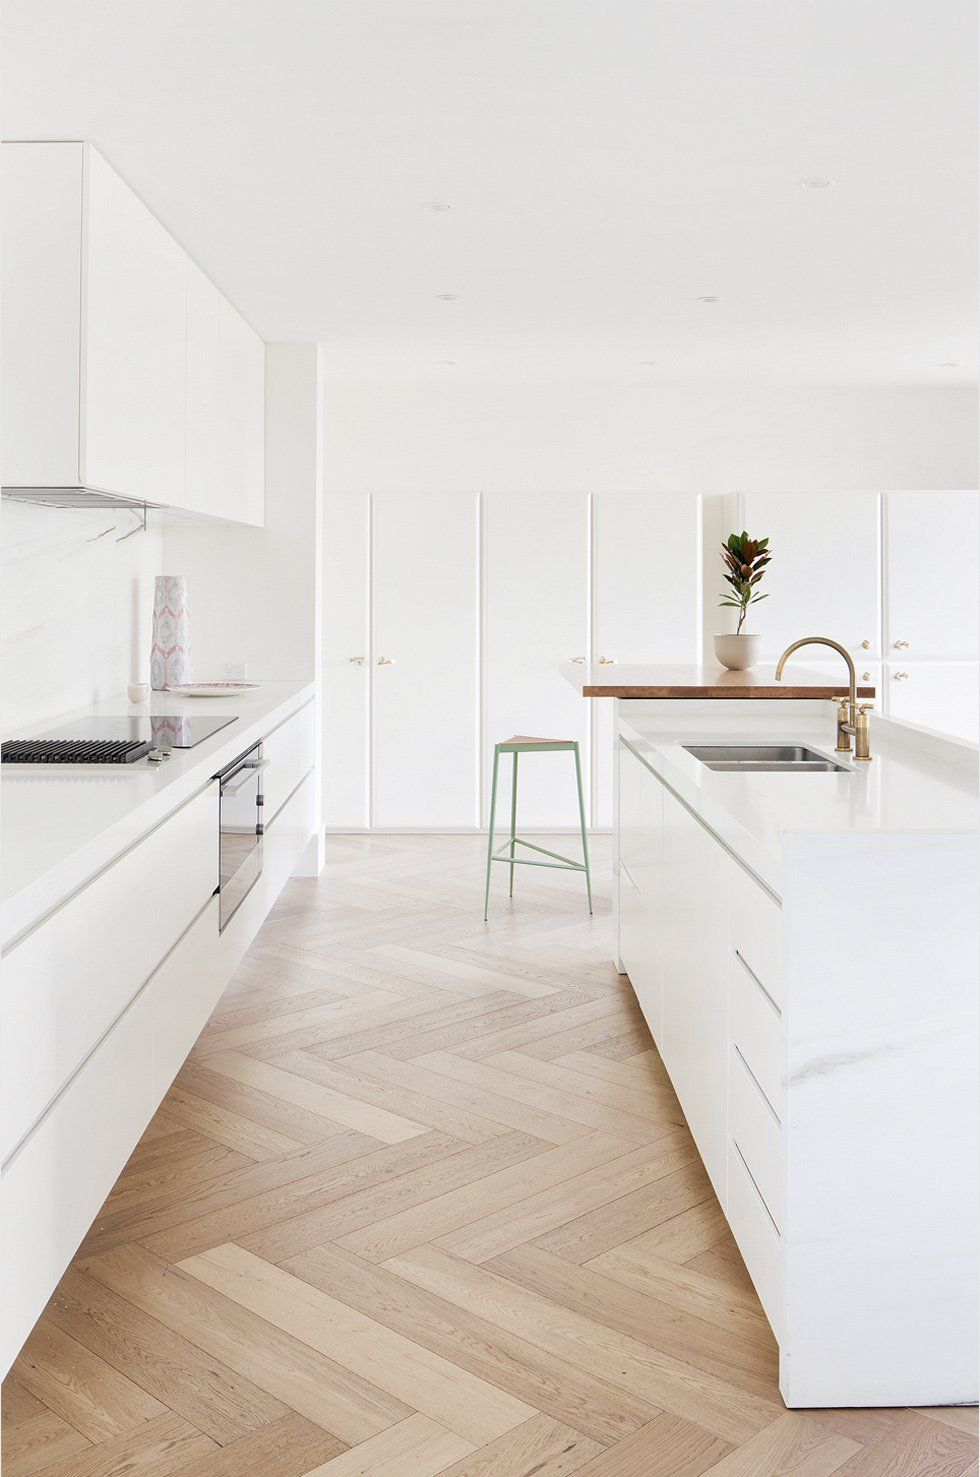 Pavimenti cucina • Guida alla scelta dei migliori materiali ...